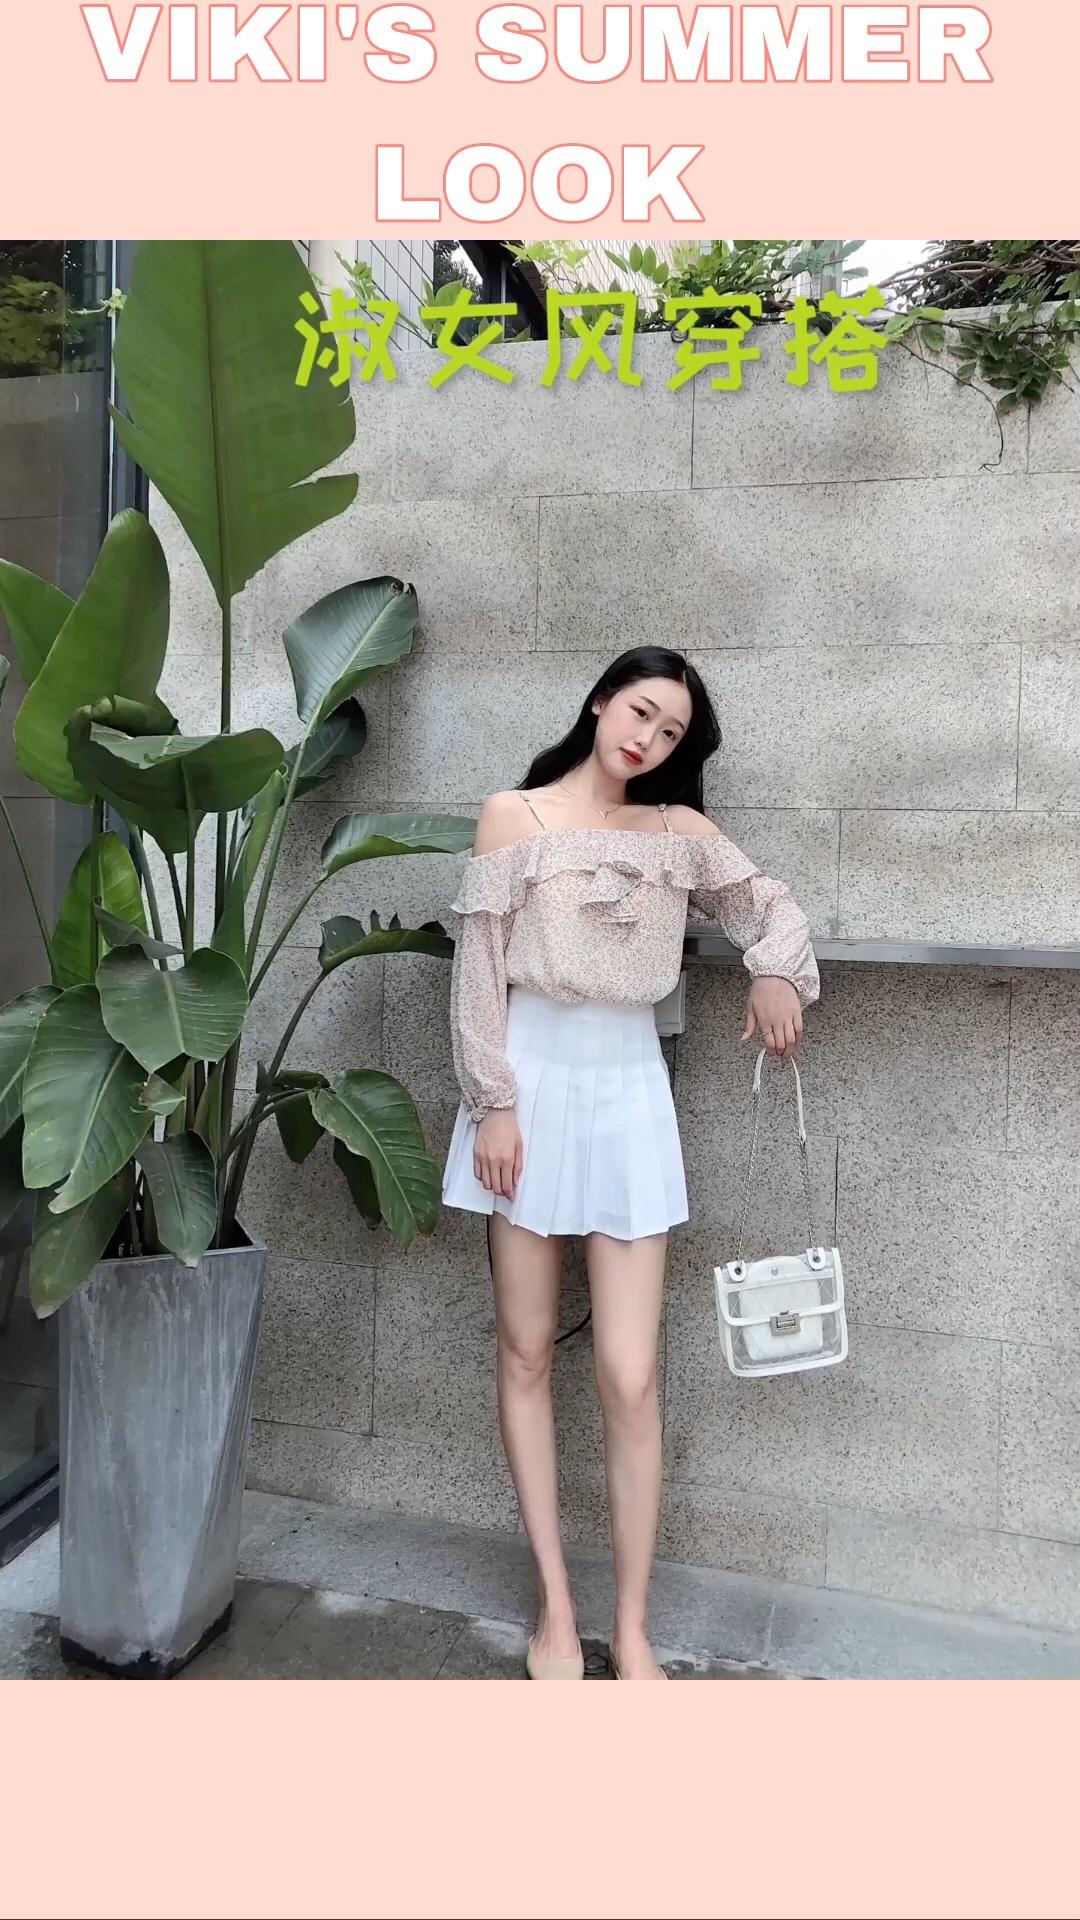 减肥太太太难,显瘦套装最见效! 韩国小姐姐夏天都这么穿! 六月温柔风:今日份淑女额度已满 显瘦才是夏日终极目标鸭💐💐 这条裙子我爱了 #夏日小碎花撩你有点甜#